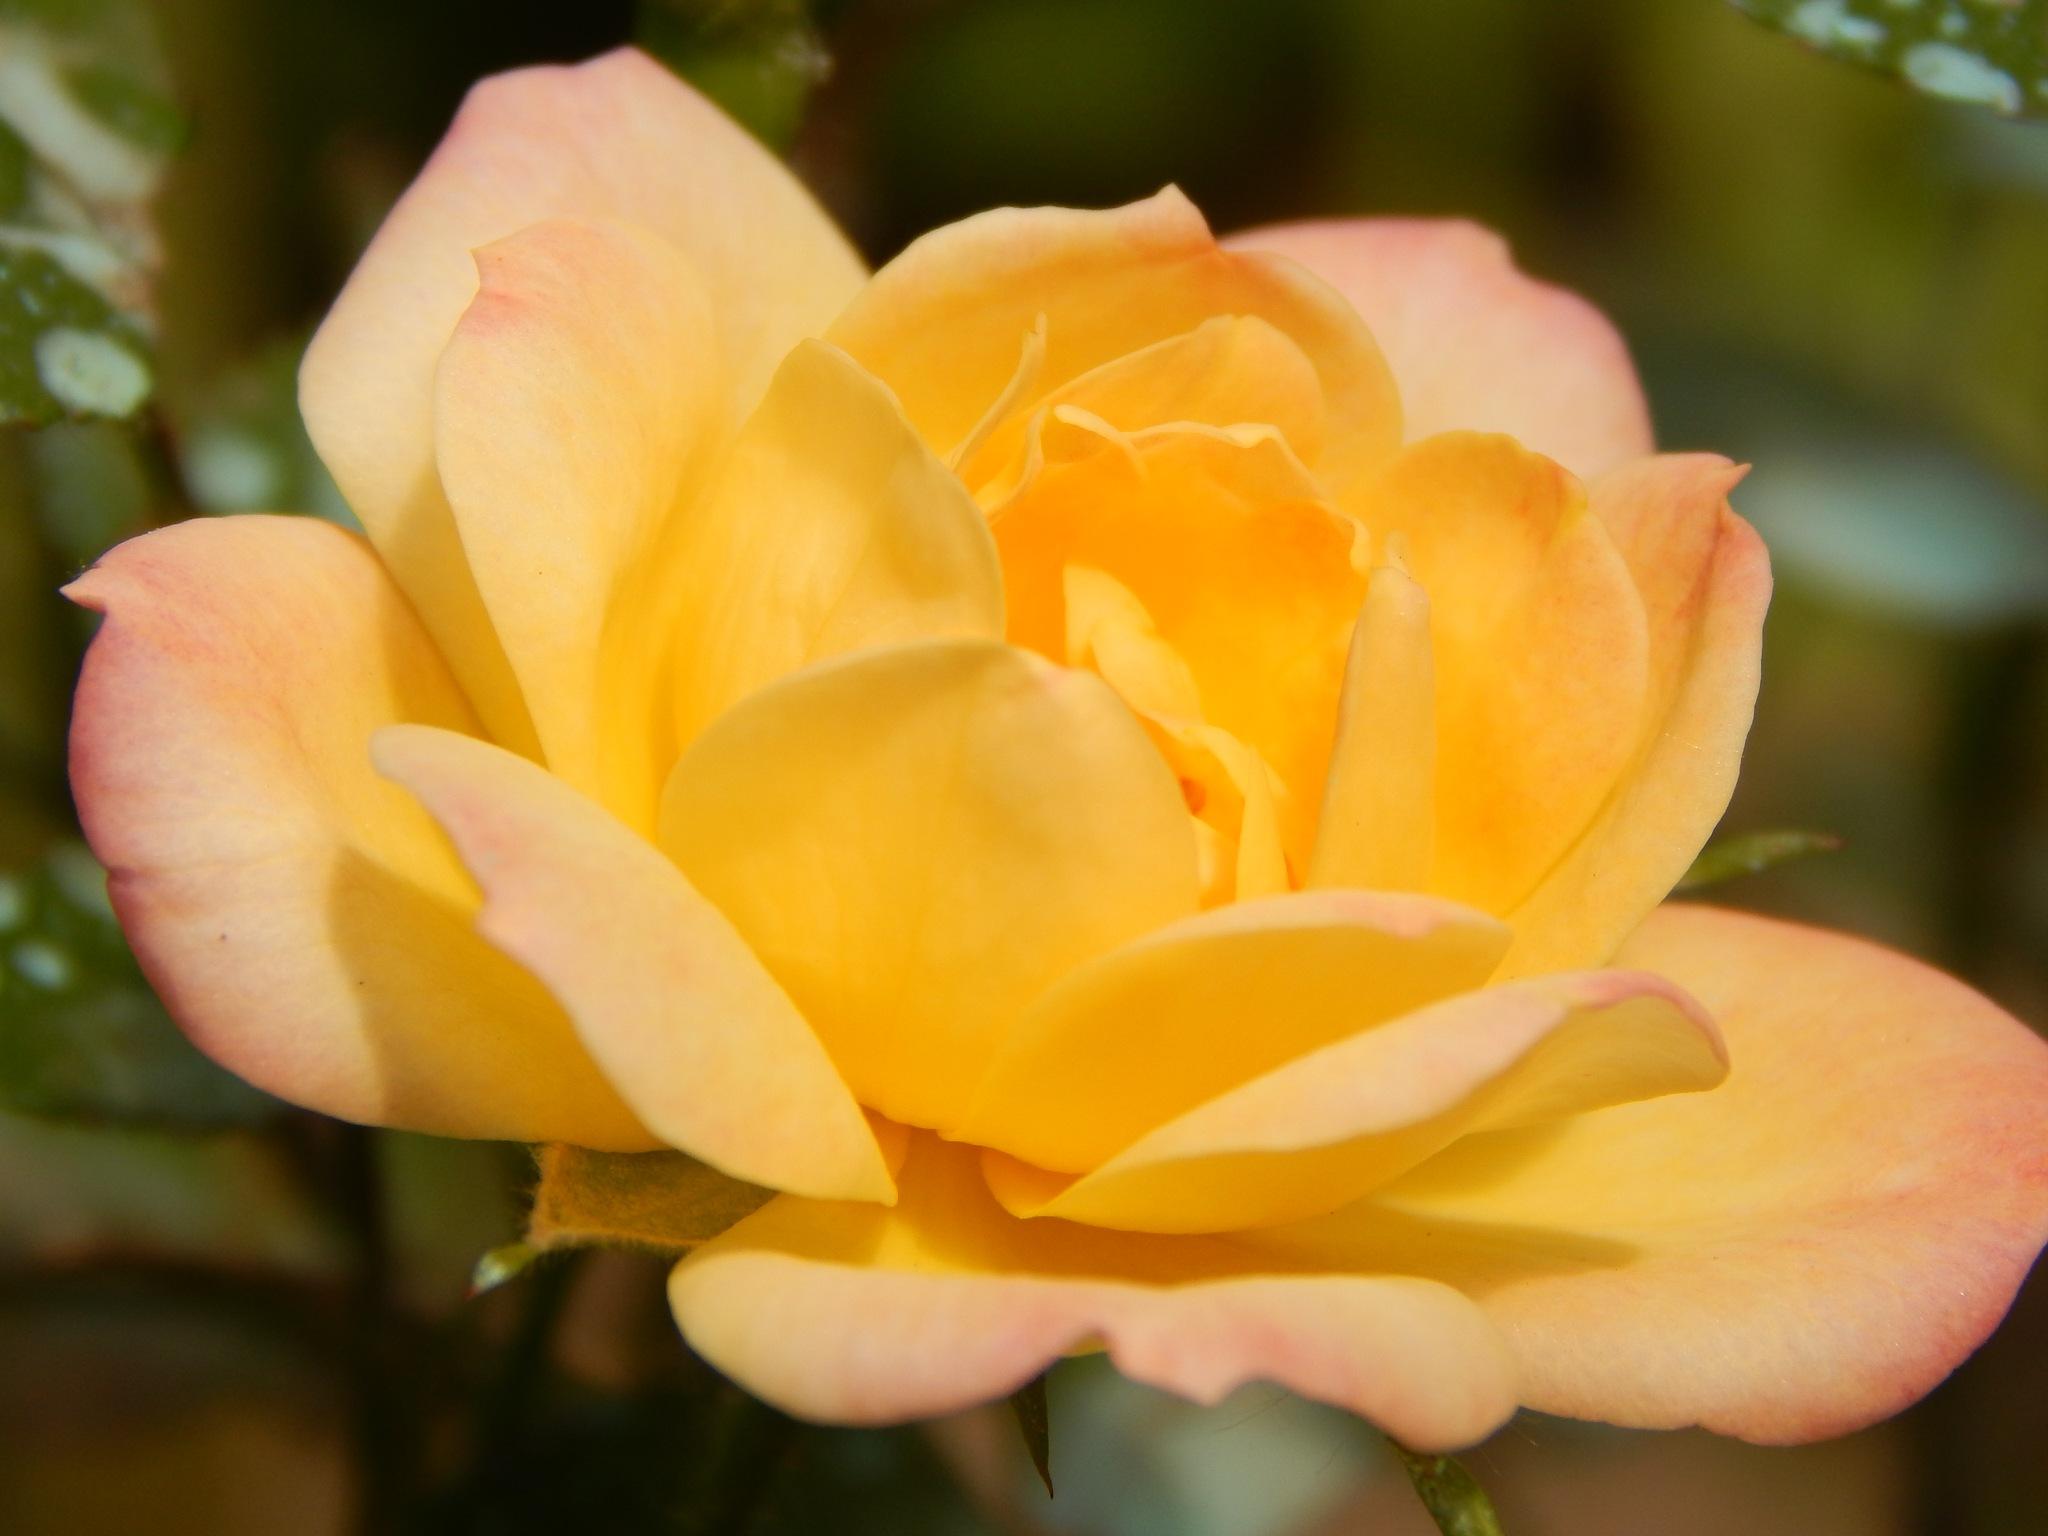 rose by Goran Vuletic